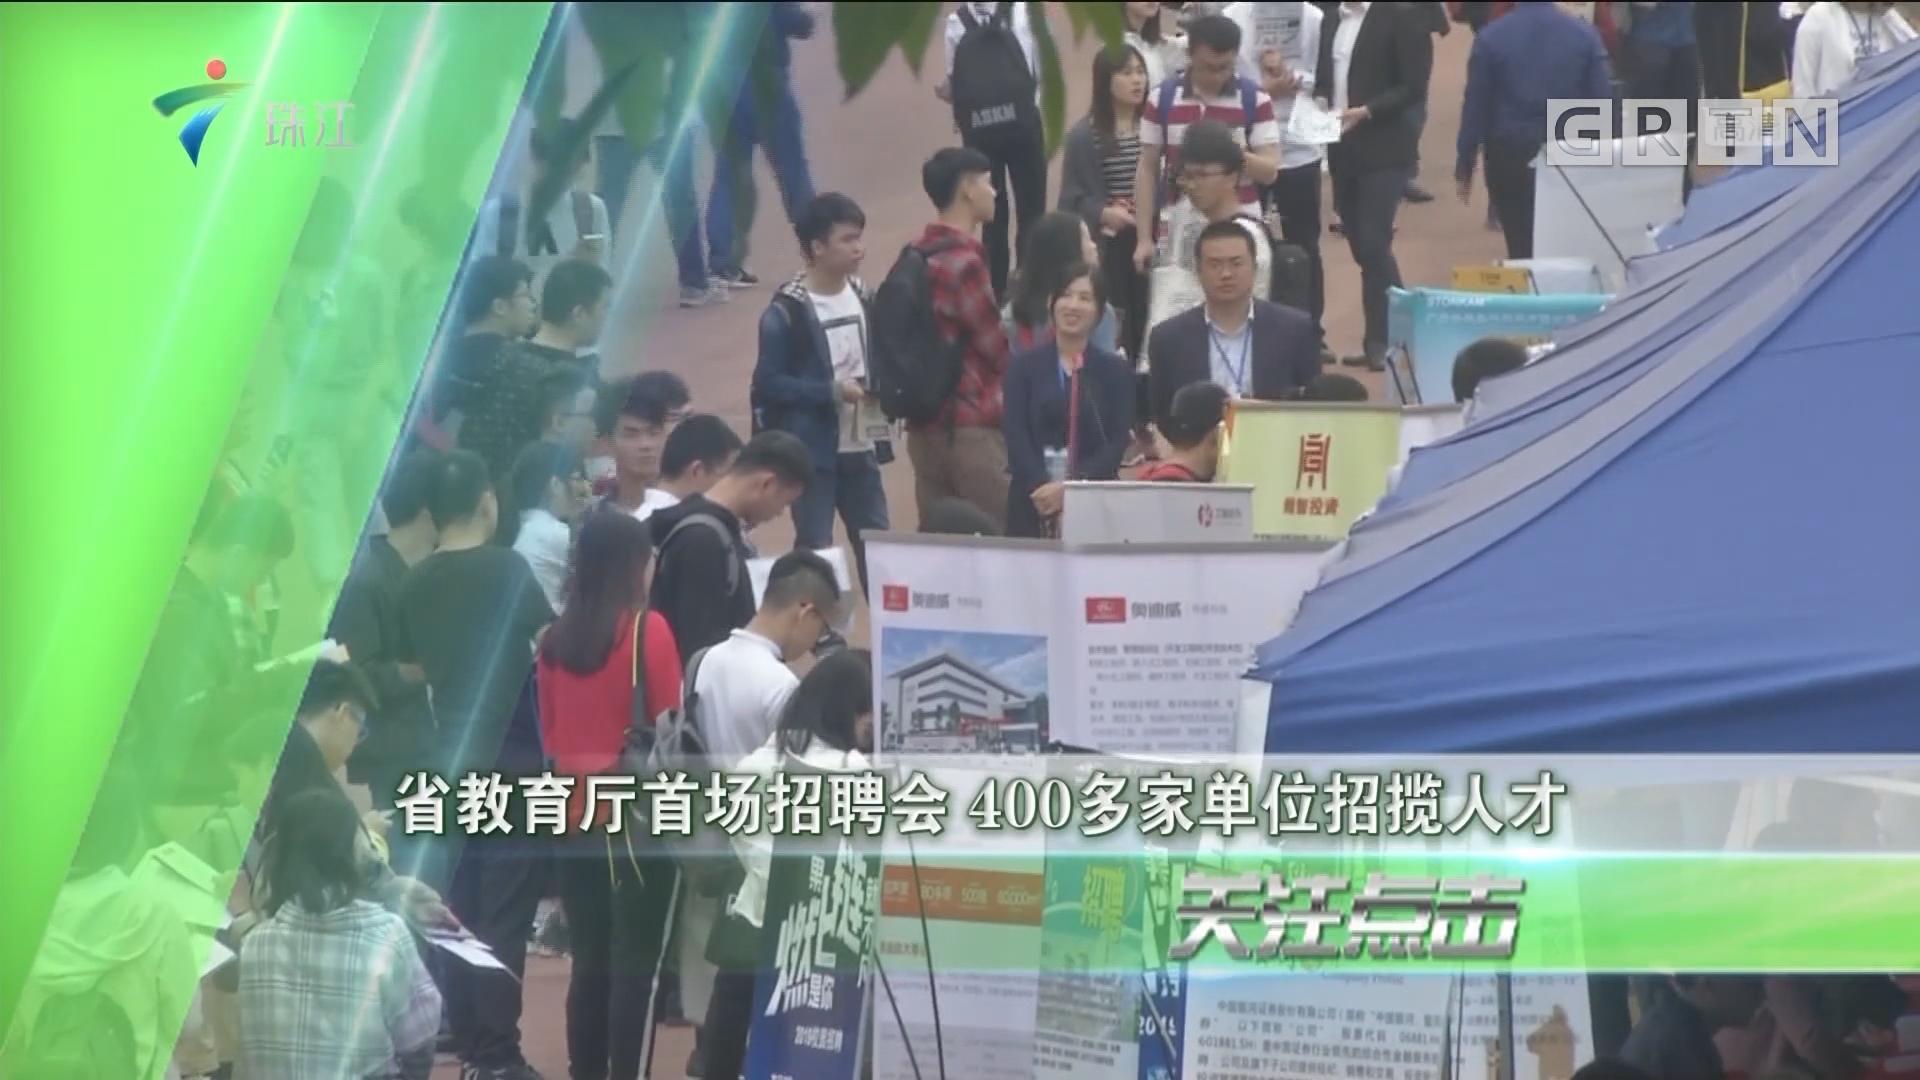 省教育厅首场招聘会 400多家单位招揽人才